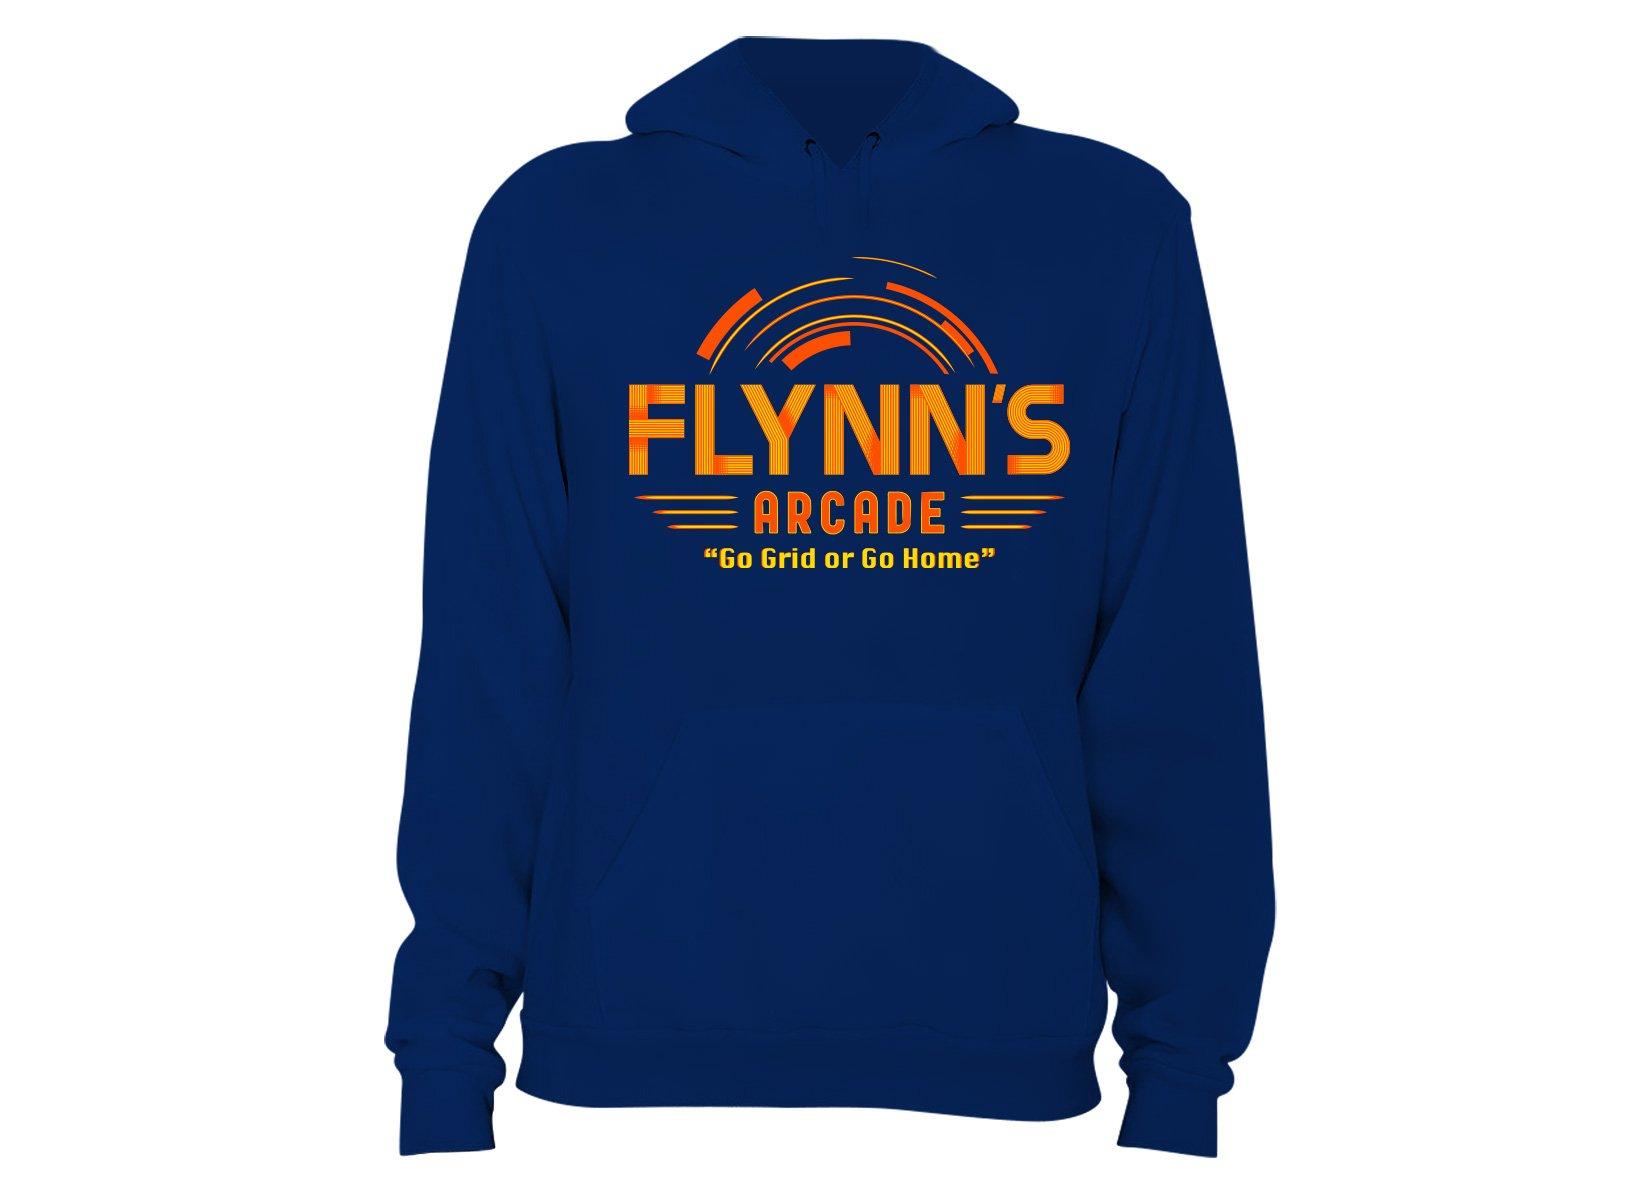 Flynn's Arcade on Hoodie